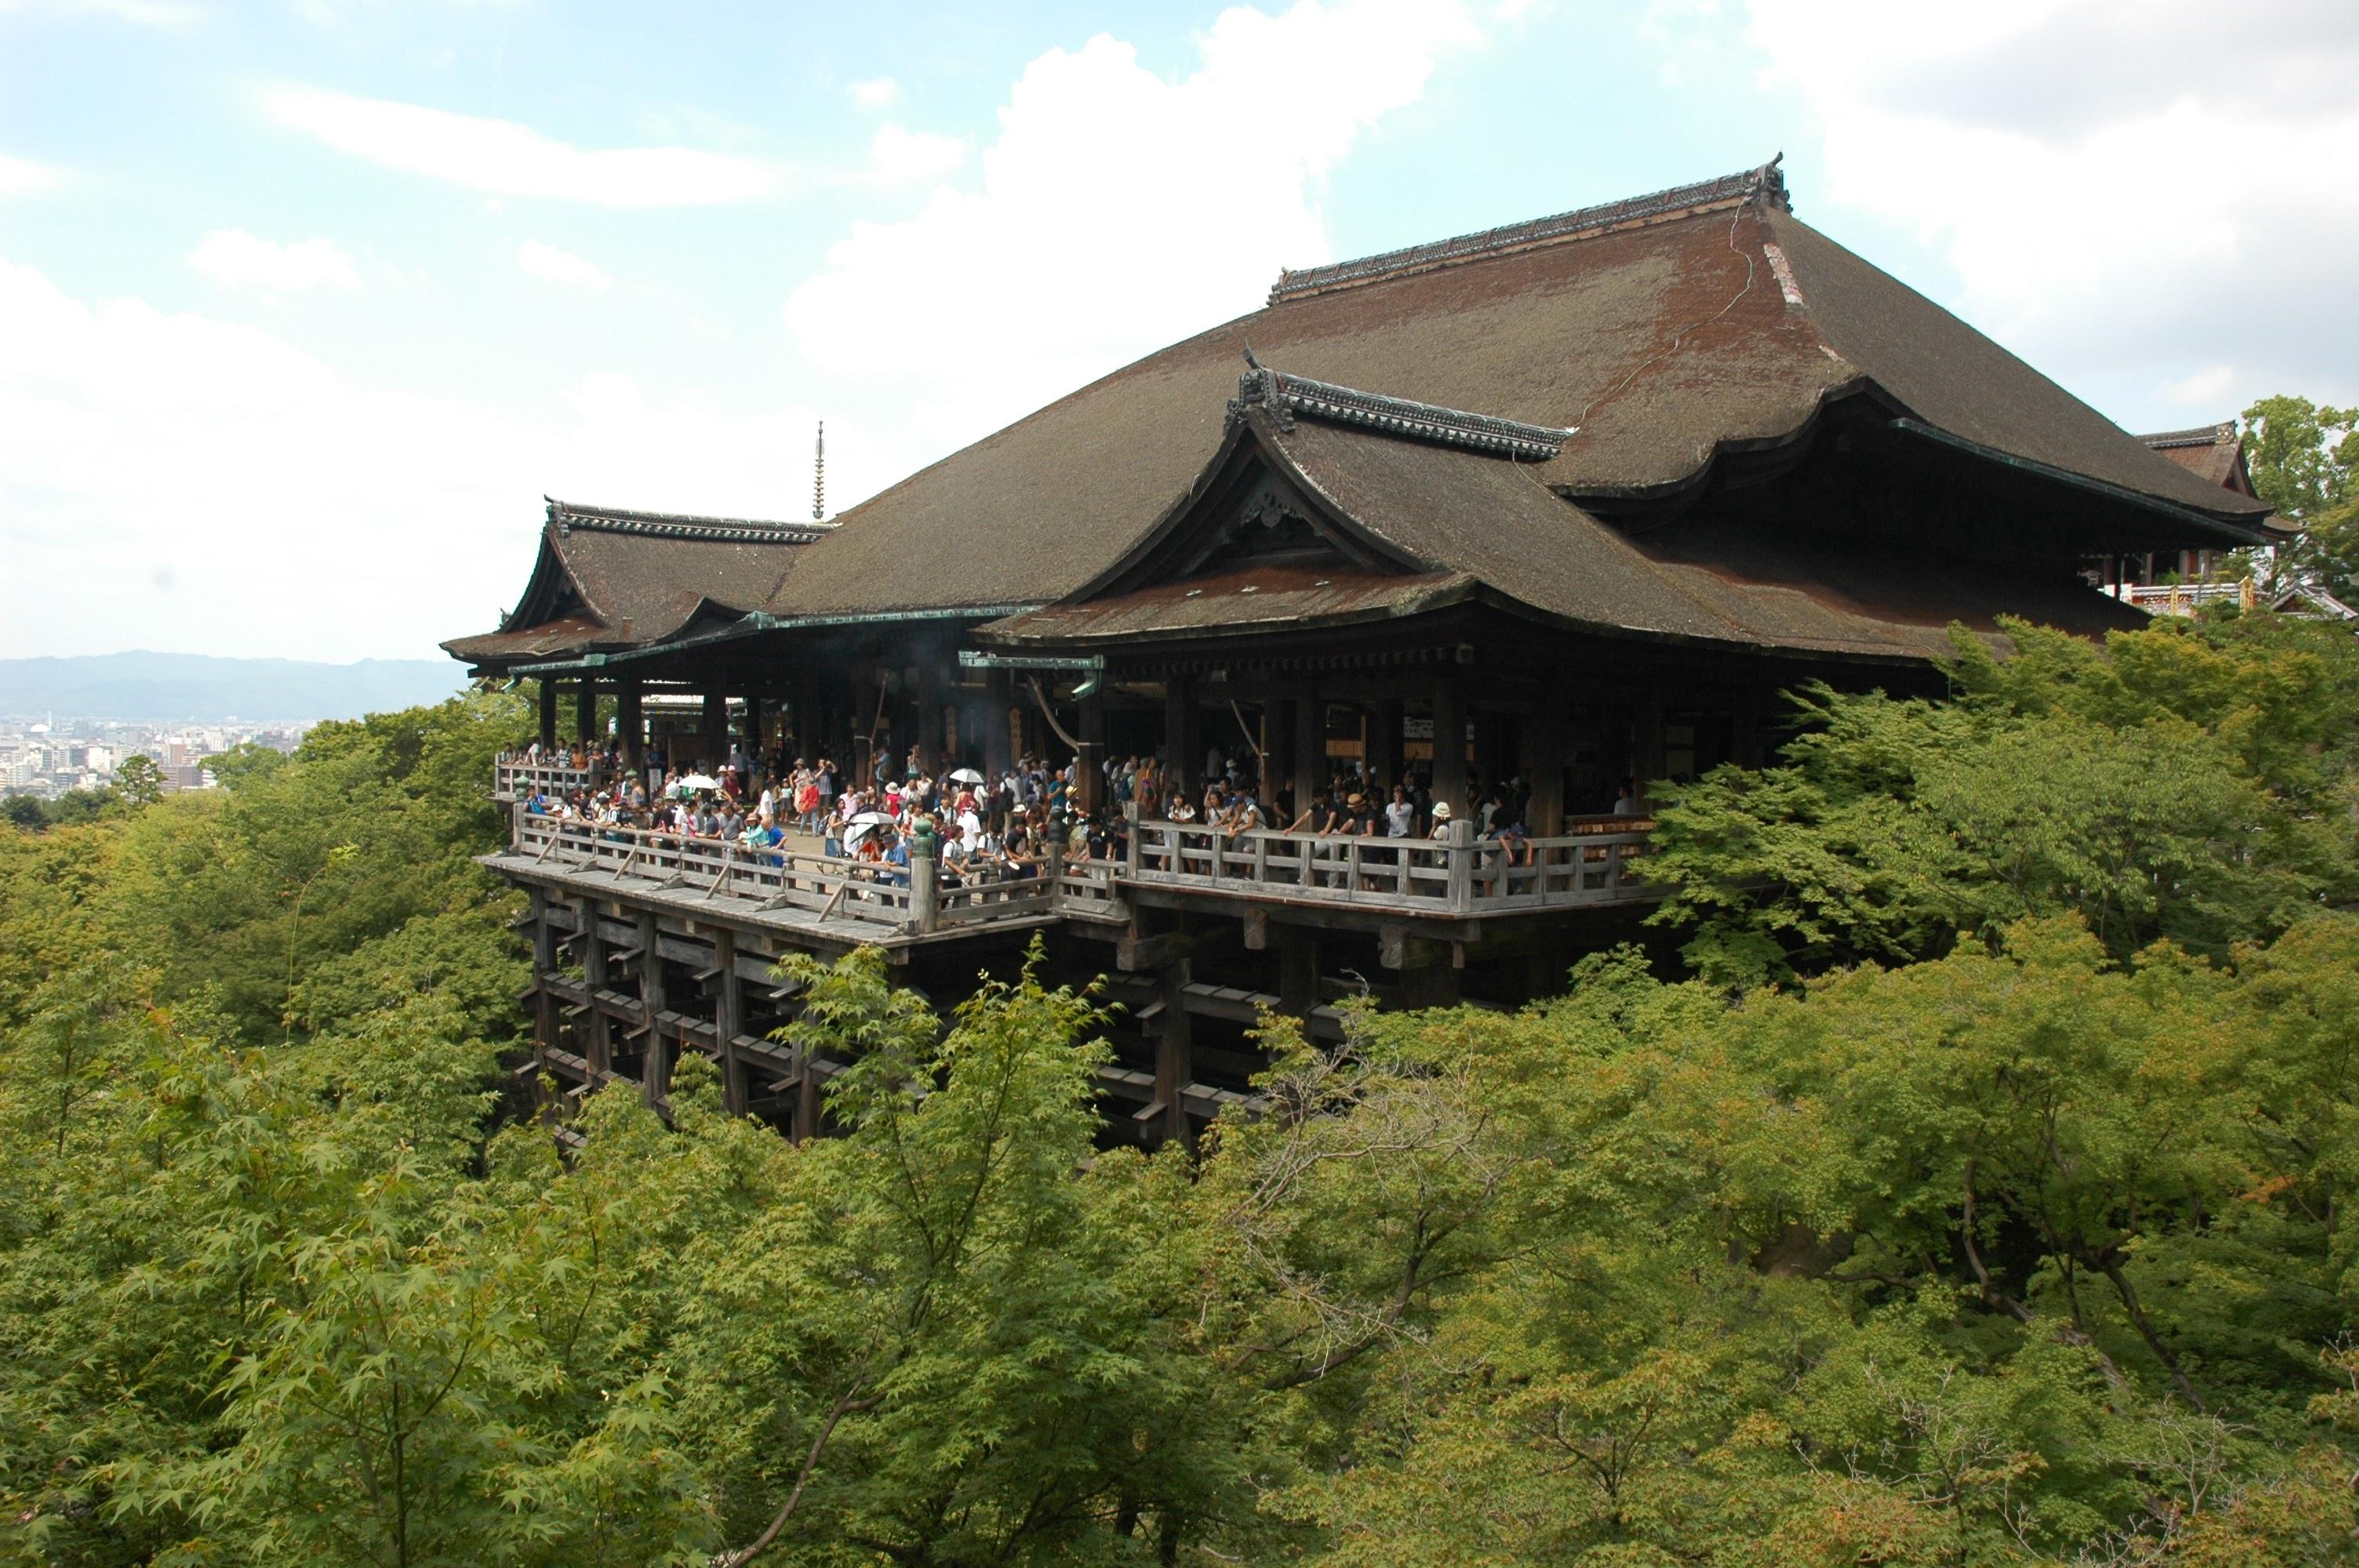 Kiyomizu-dera shrine